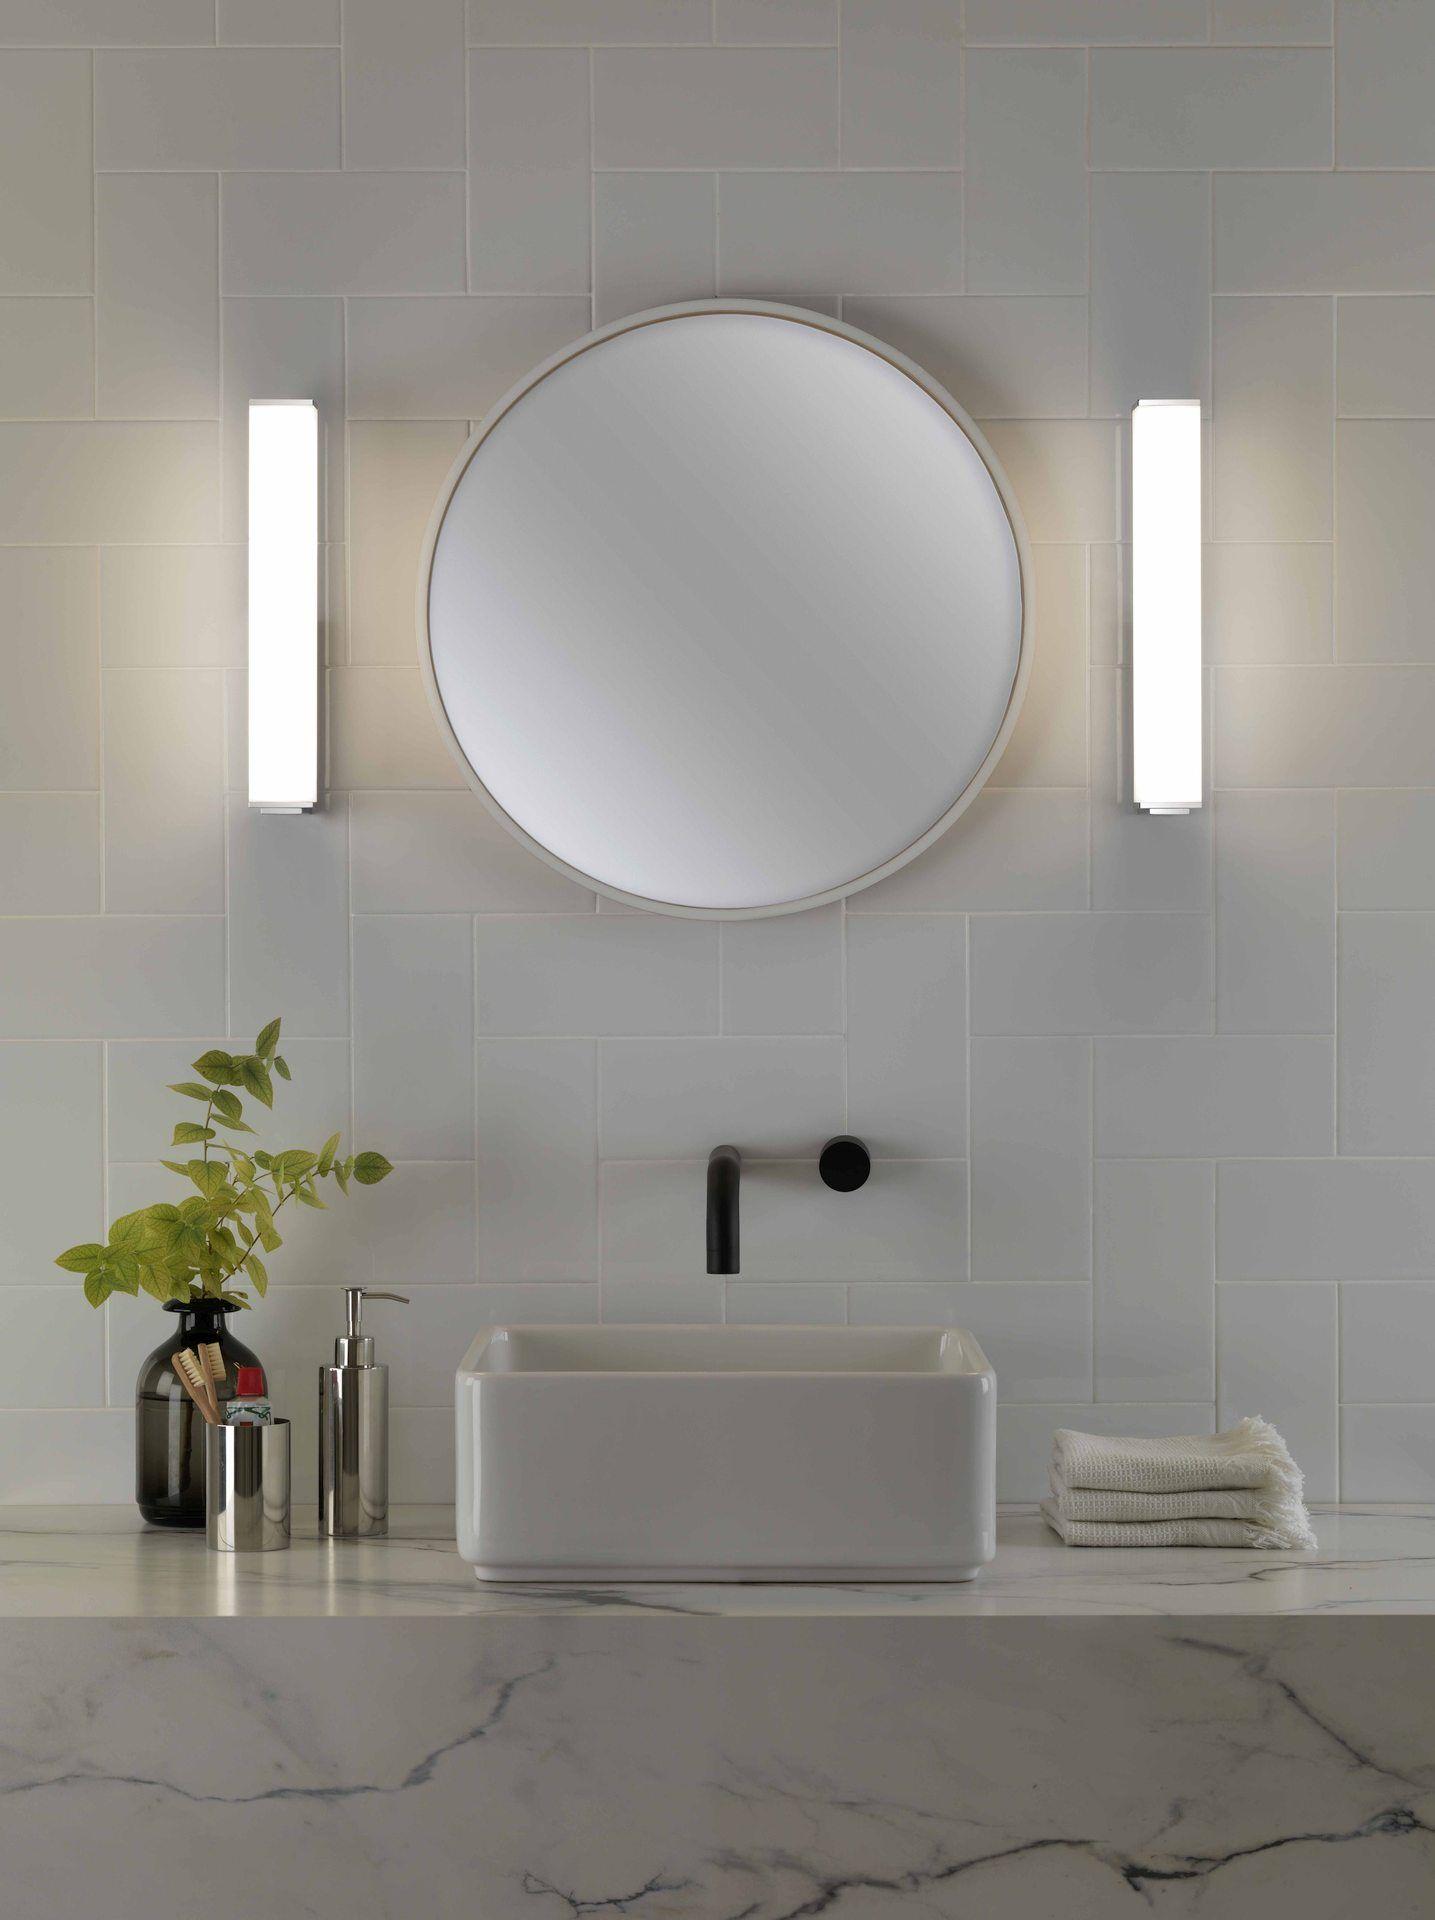 Lampy łazienkowe Karla łazienka łazienka Lampy I Lustra